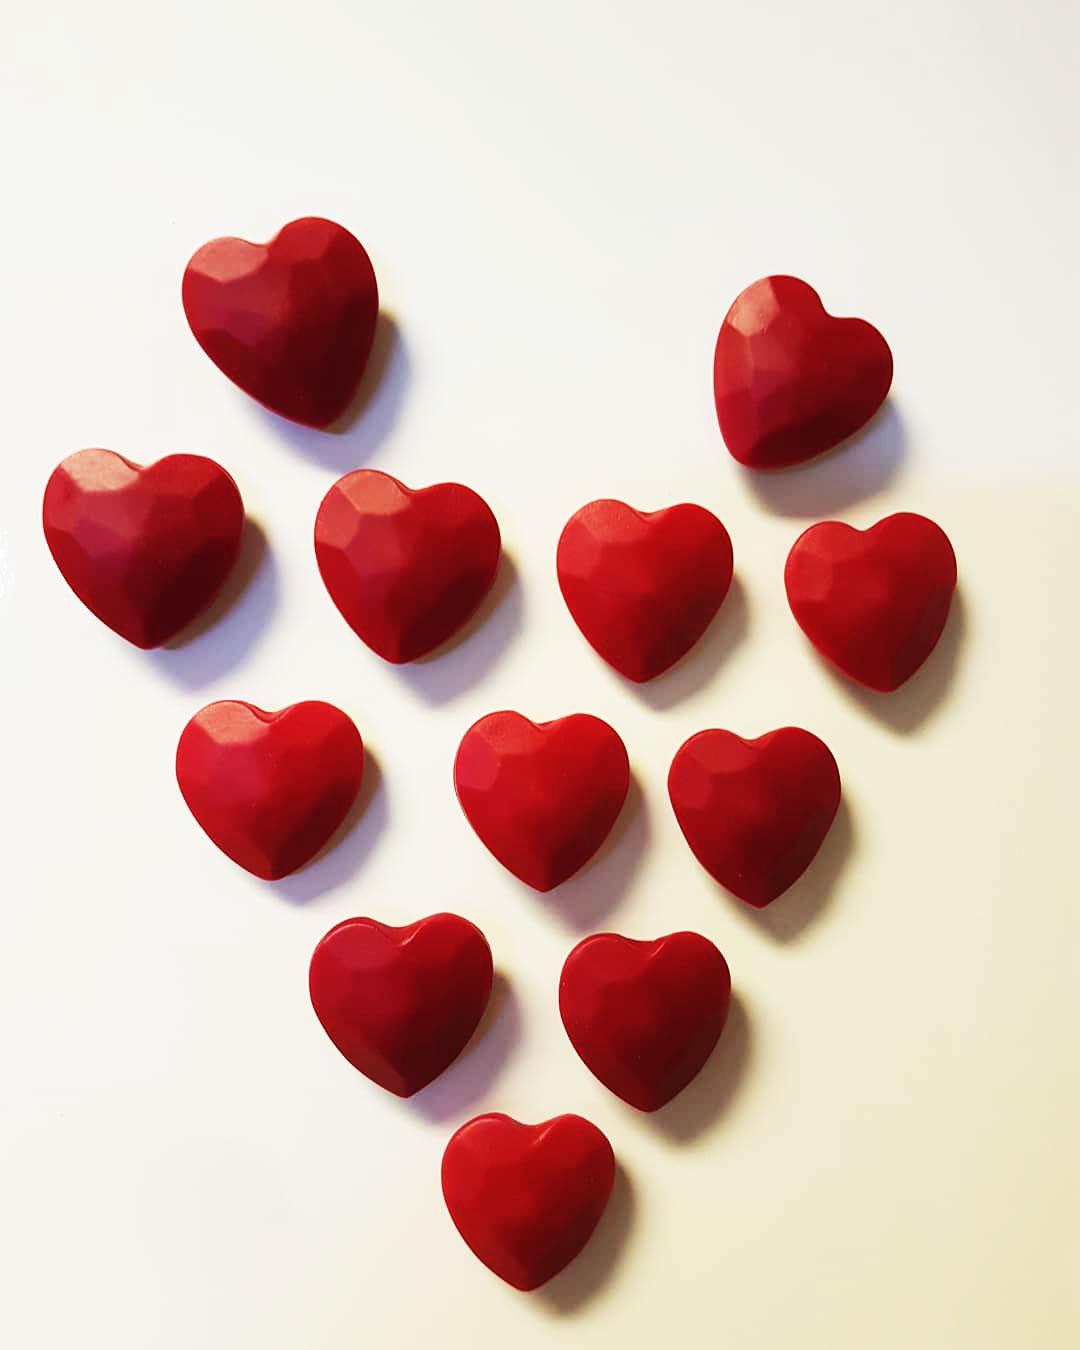 bästa alla hjärtans dag present 2021